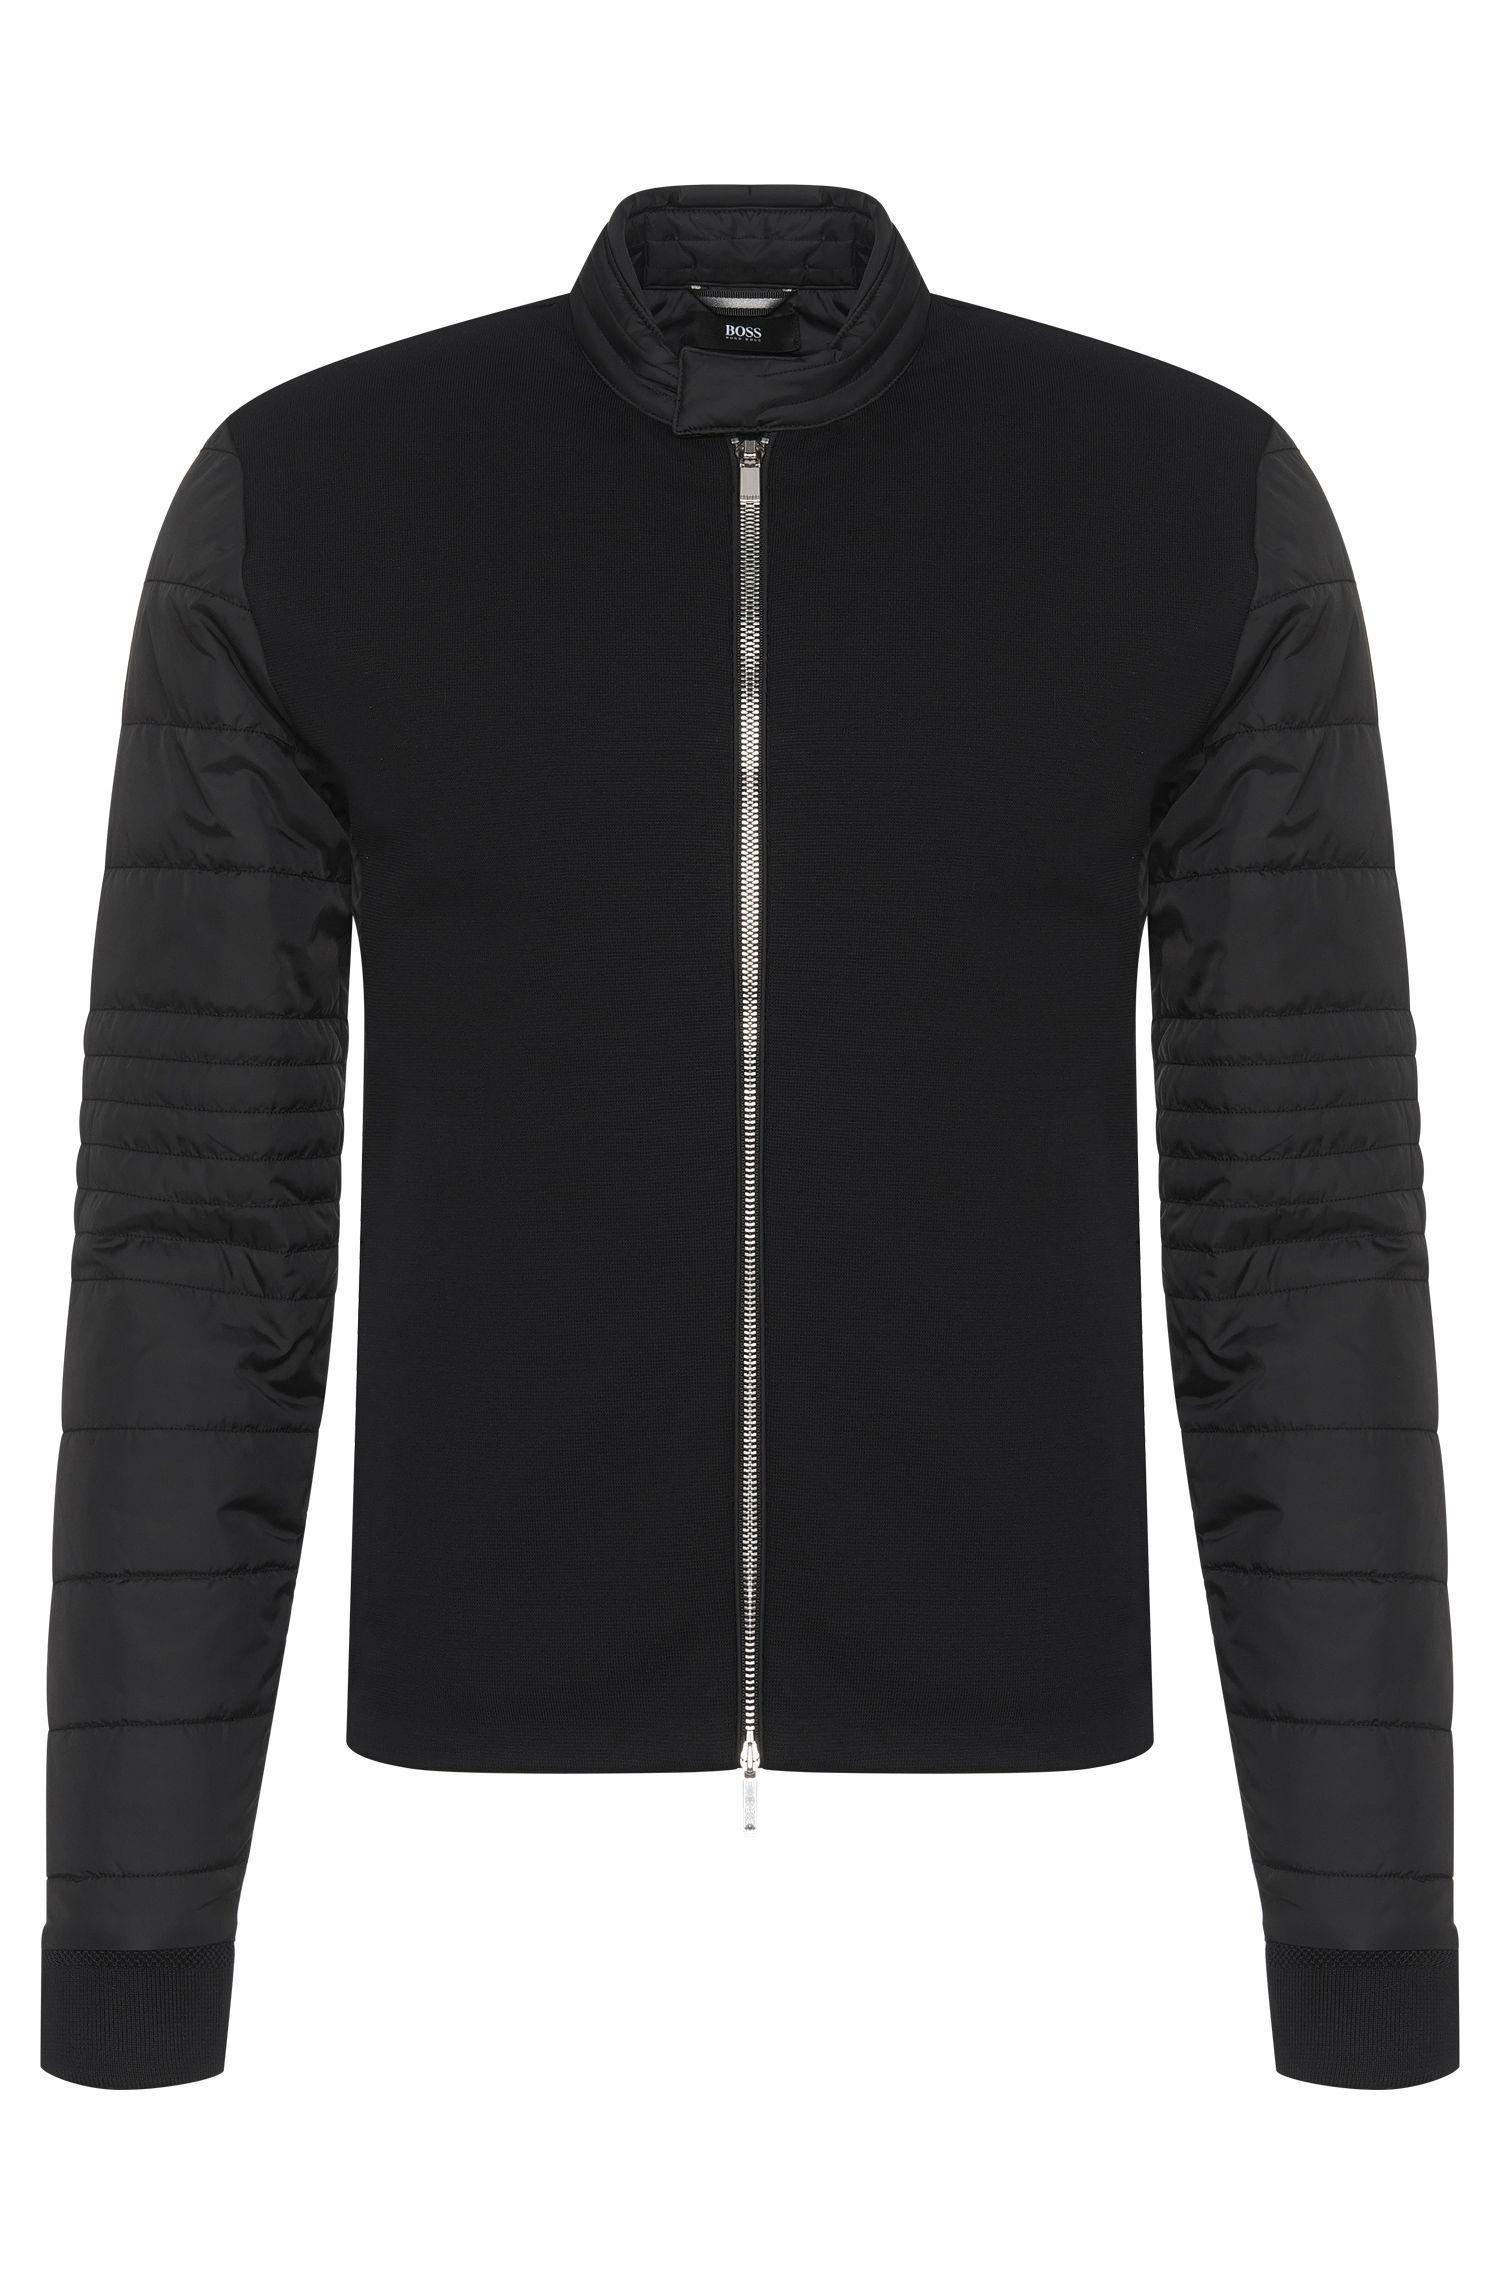 Leicht gefütterte Slim-Fit Sweatshirt-Jacke aus Baumwoll-Mix: 'Solari 01' aus der Mercedes Benz-Kollektion